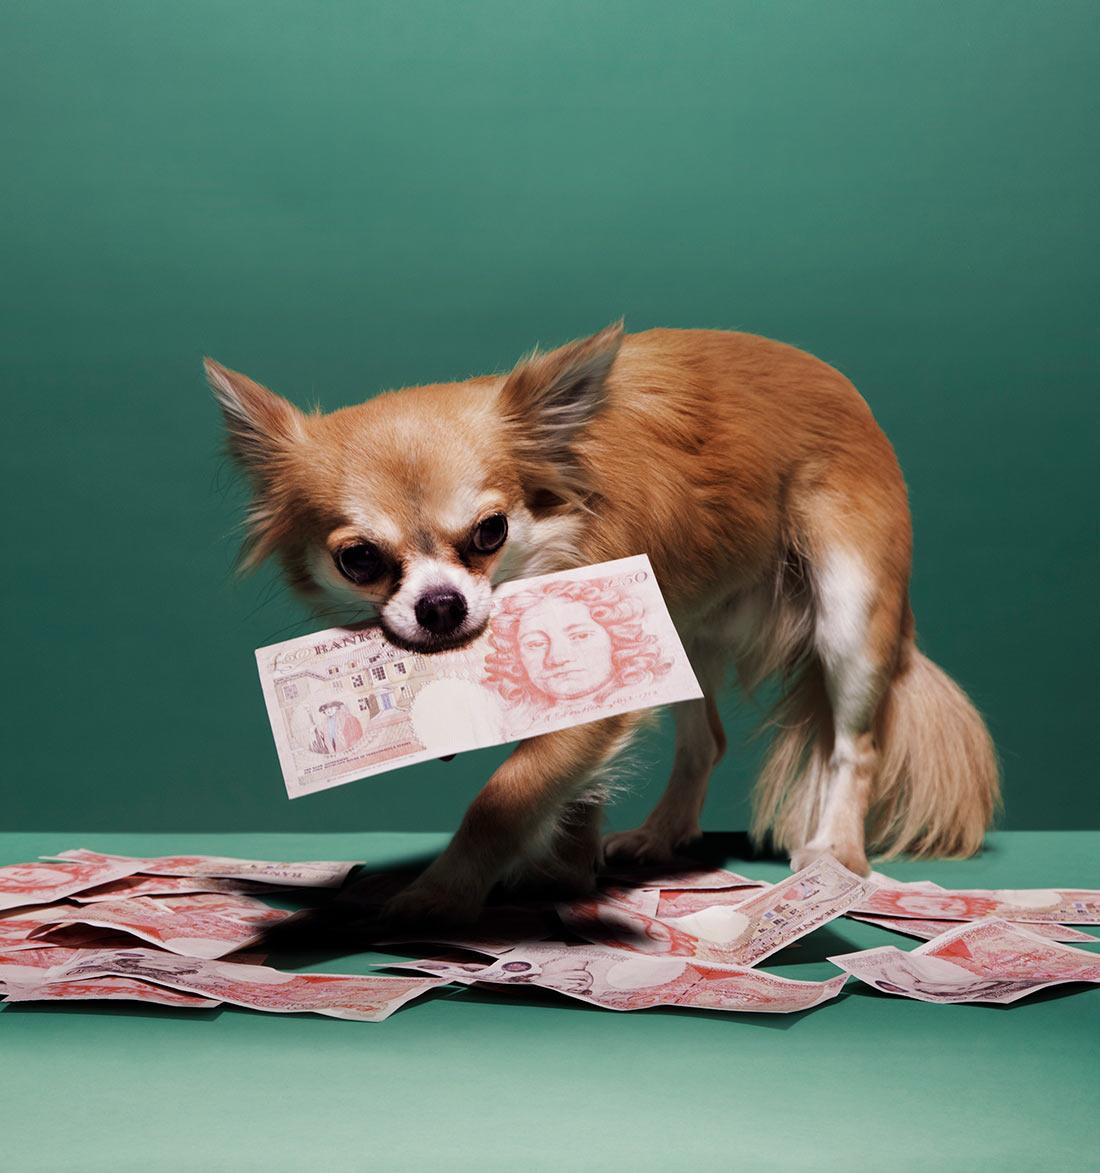 hattie newman guardian money